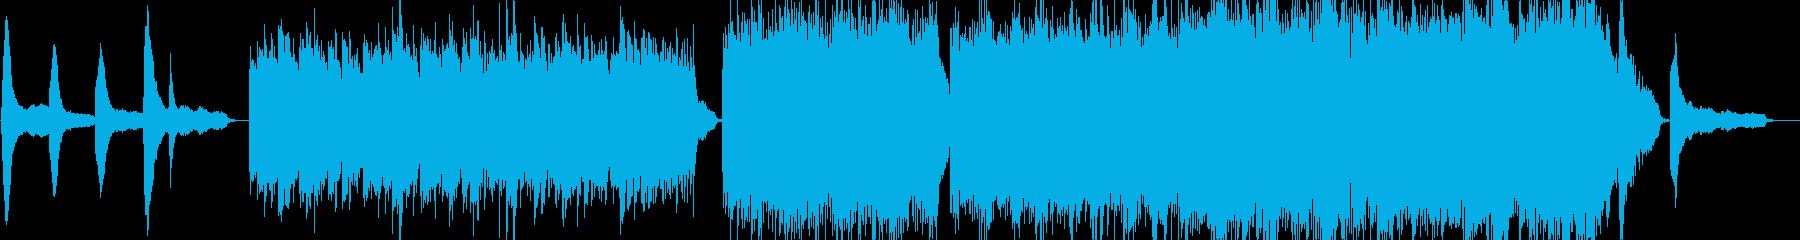 企業VP4 24bit44kHzVerの再生済みの波形